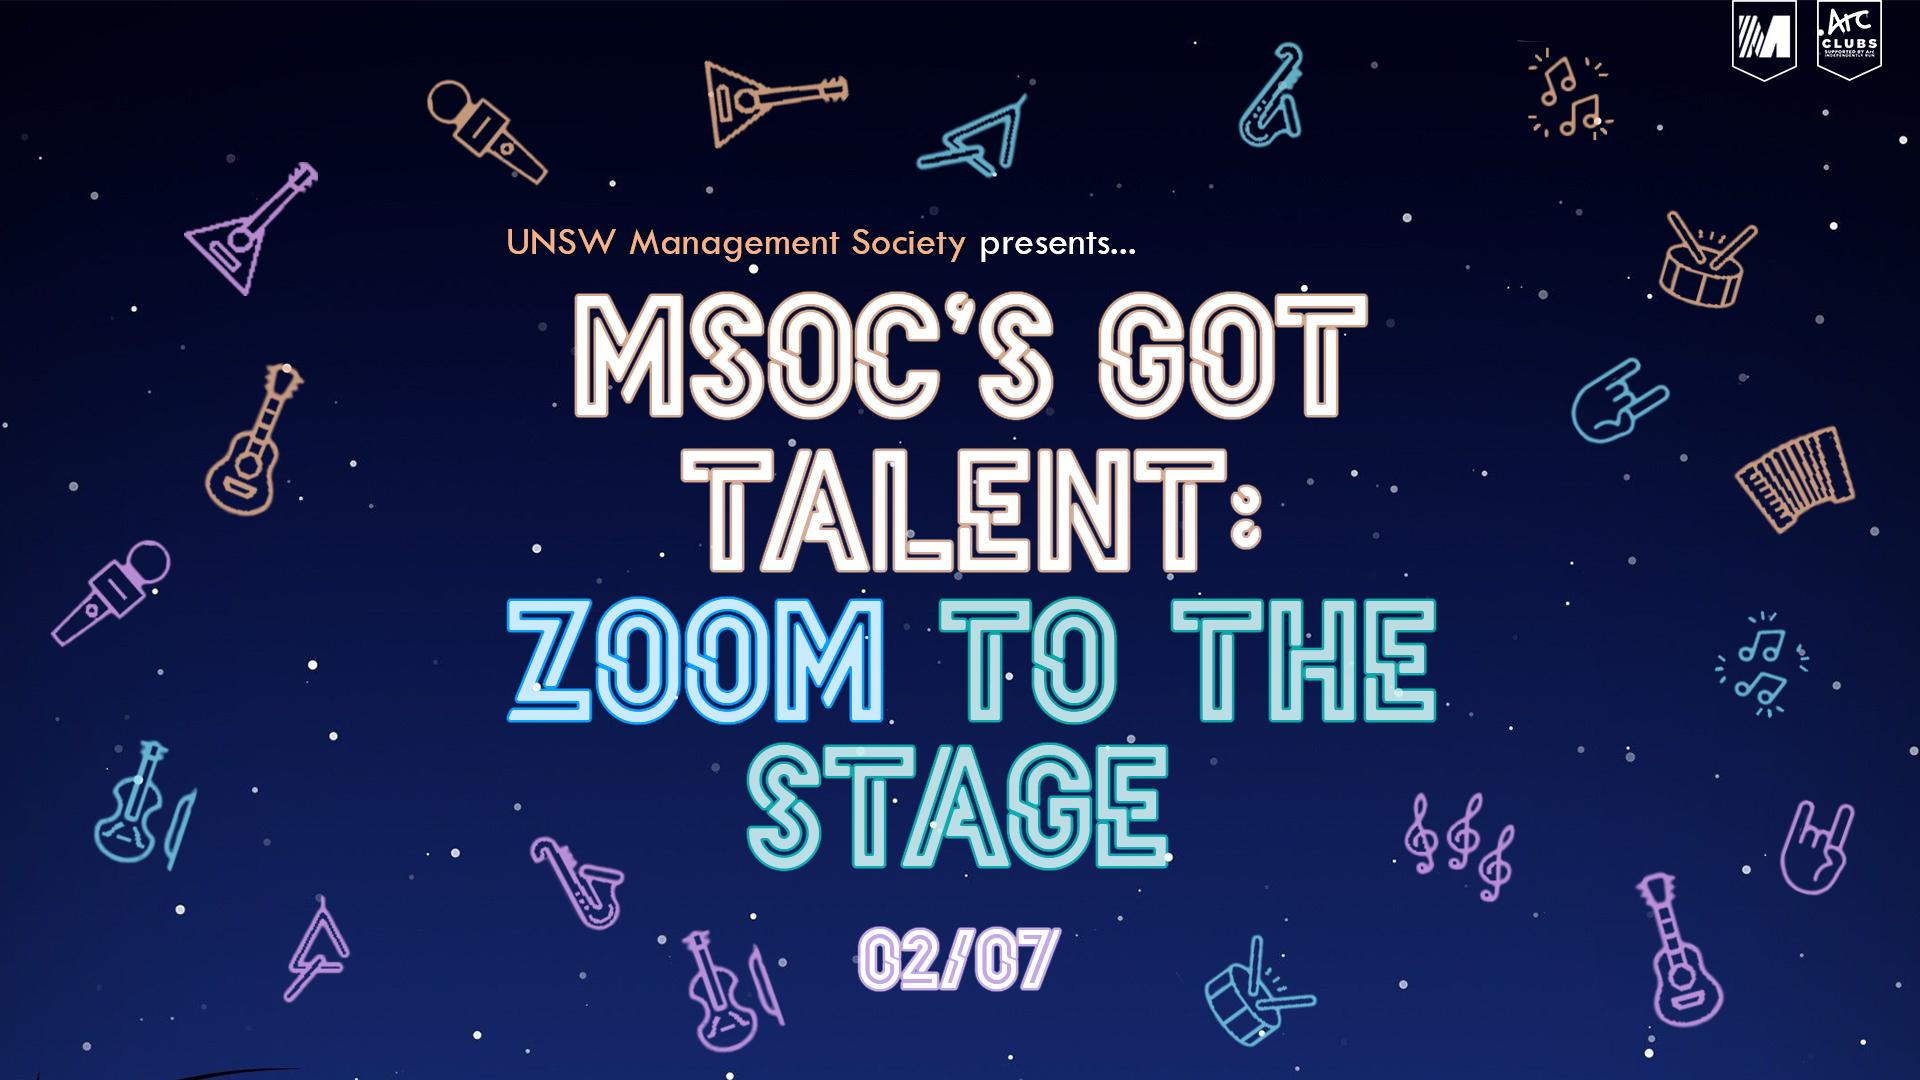 MSOC's Got Talent Still.png